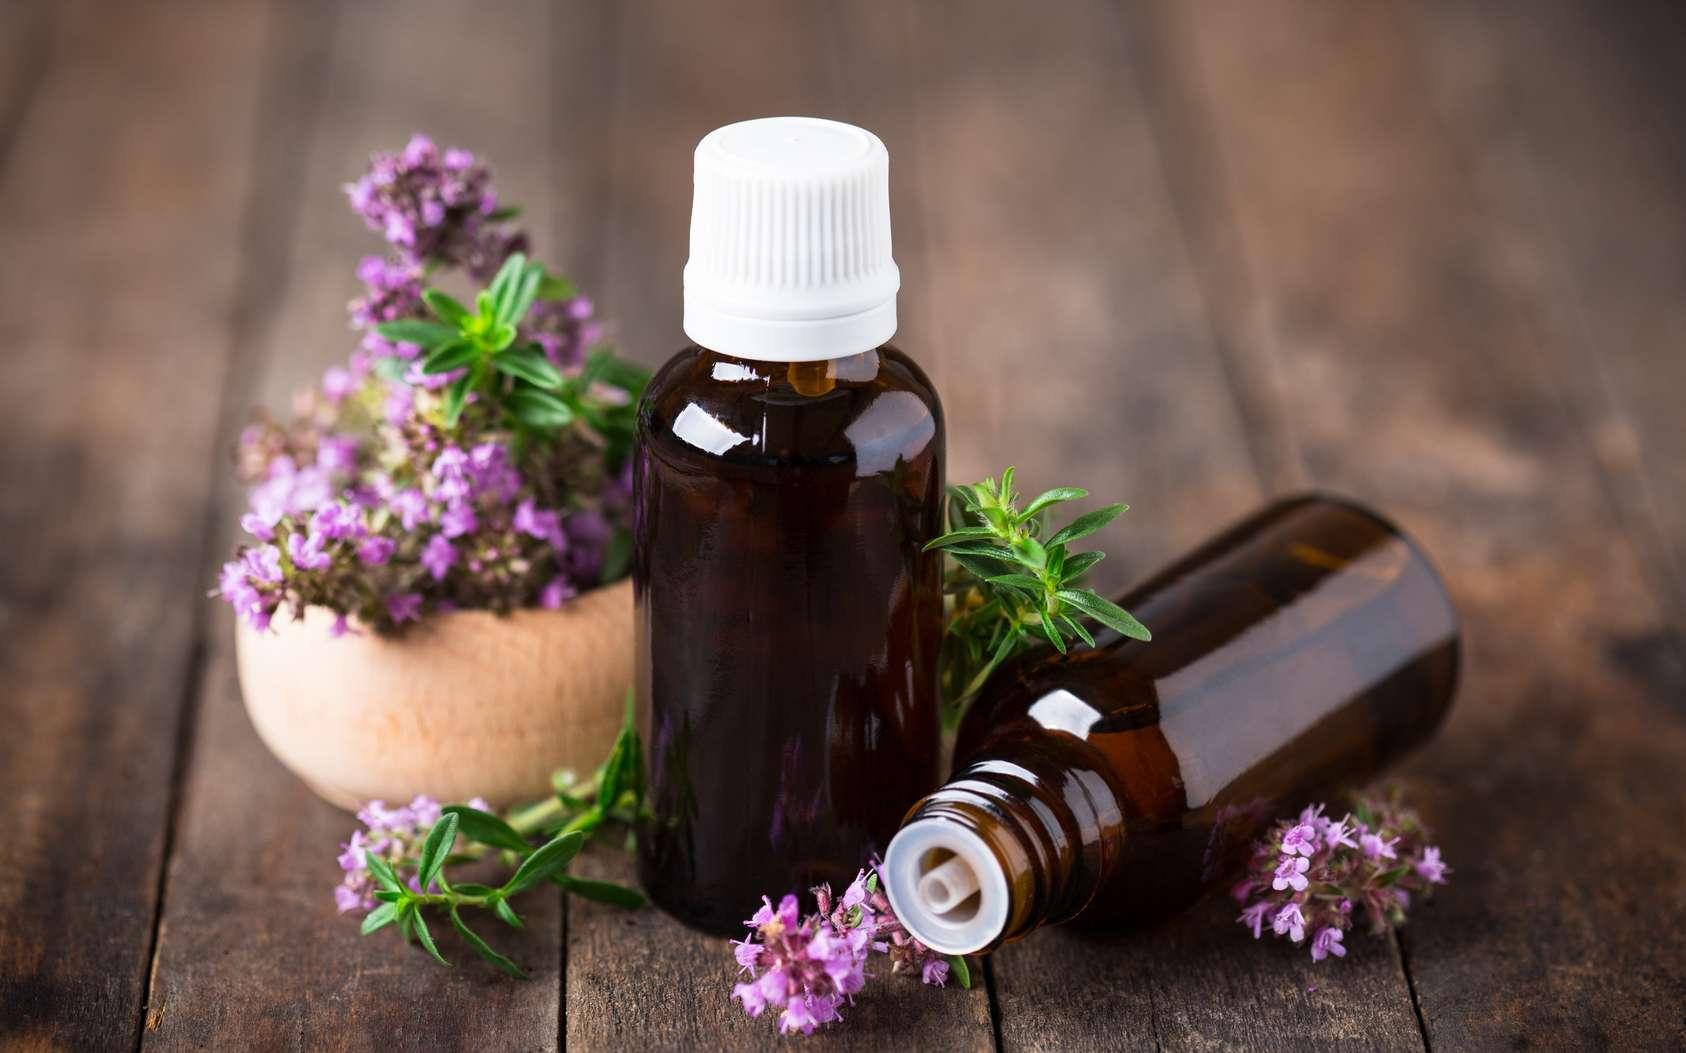 Si vous utilisez de l'huile essentielle de thym thymol, pensez à la diluer davantage que les autres huiles essentielle de thym afin d'éviter d'éventuels effet indésirables (rougeurs, irritation etc.). © pilipphoto, Fotolia